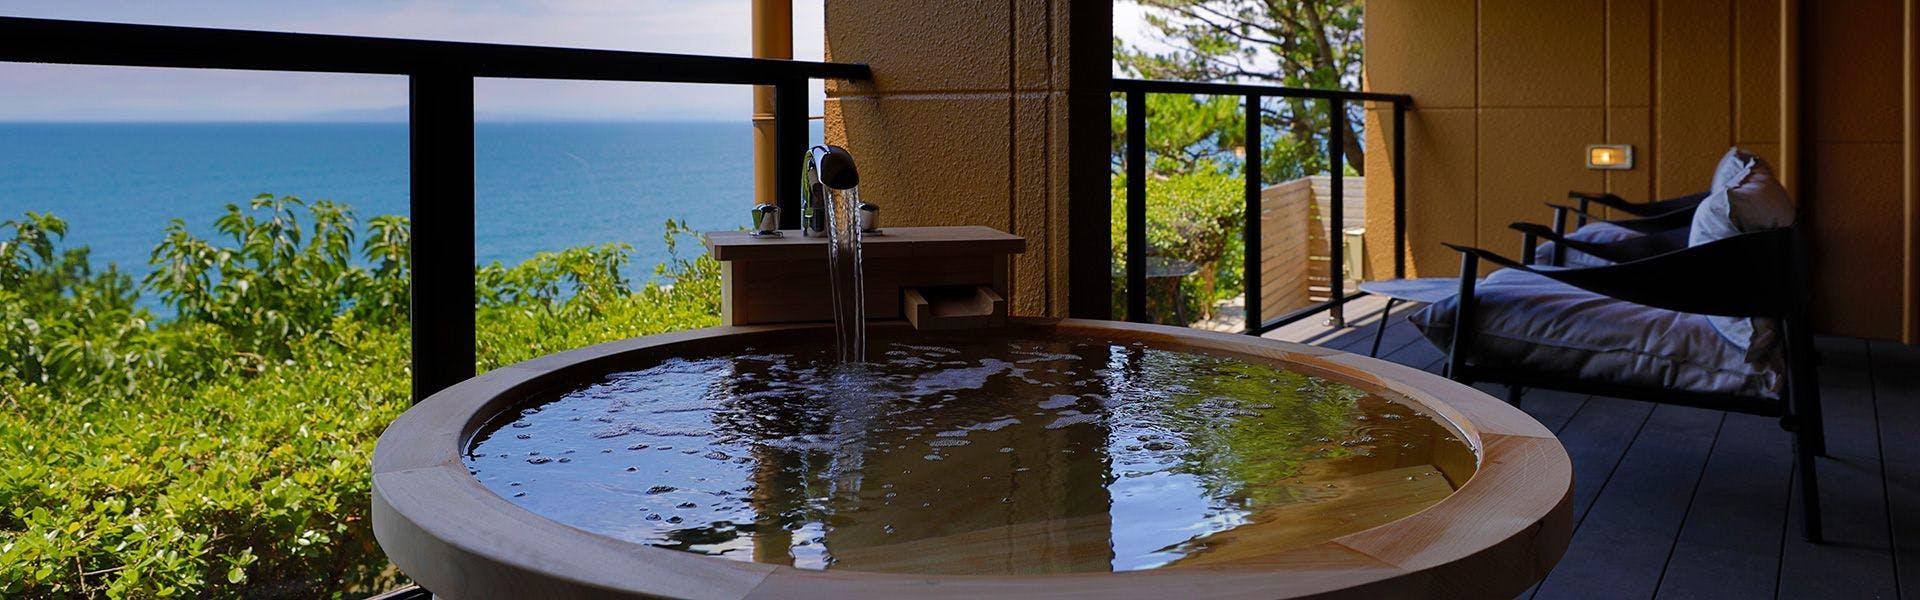 記念日におすすめのホテル・海のほてる いさばの写真3